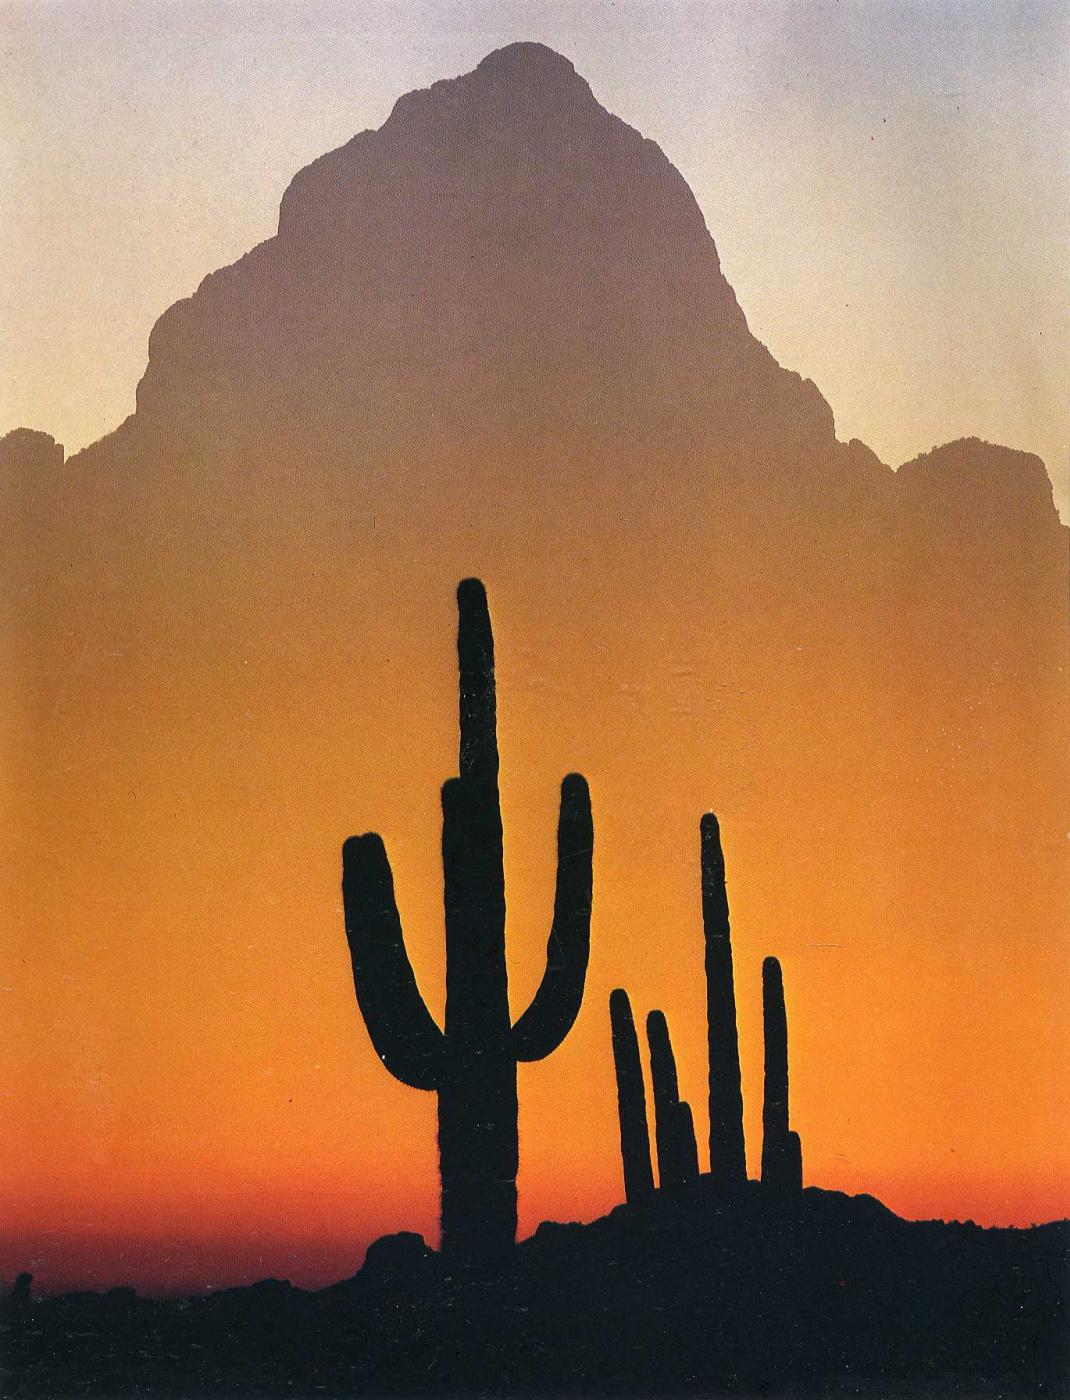 David Munich. Cacti at sunset